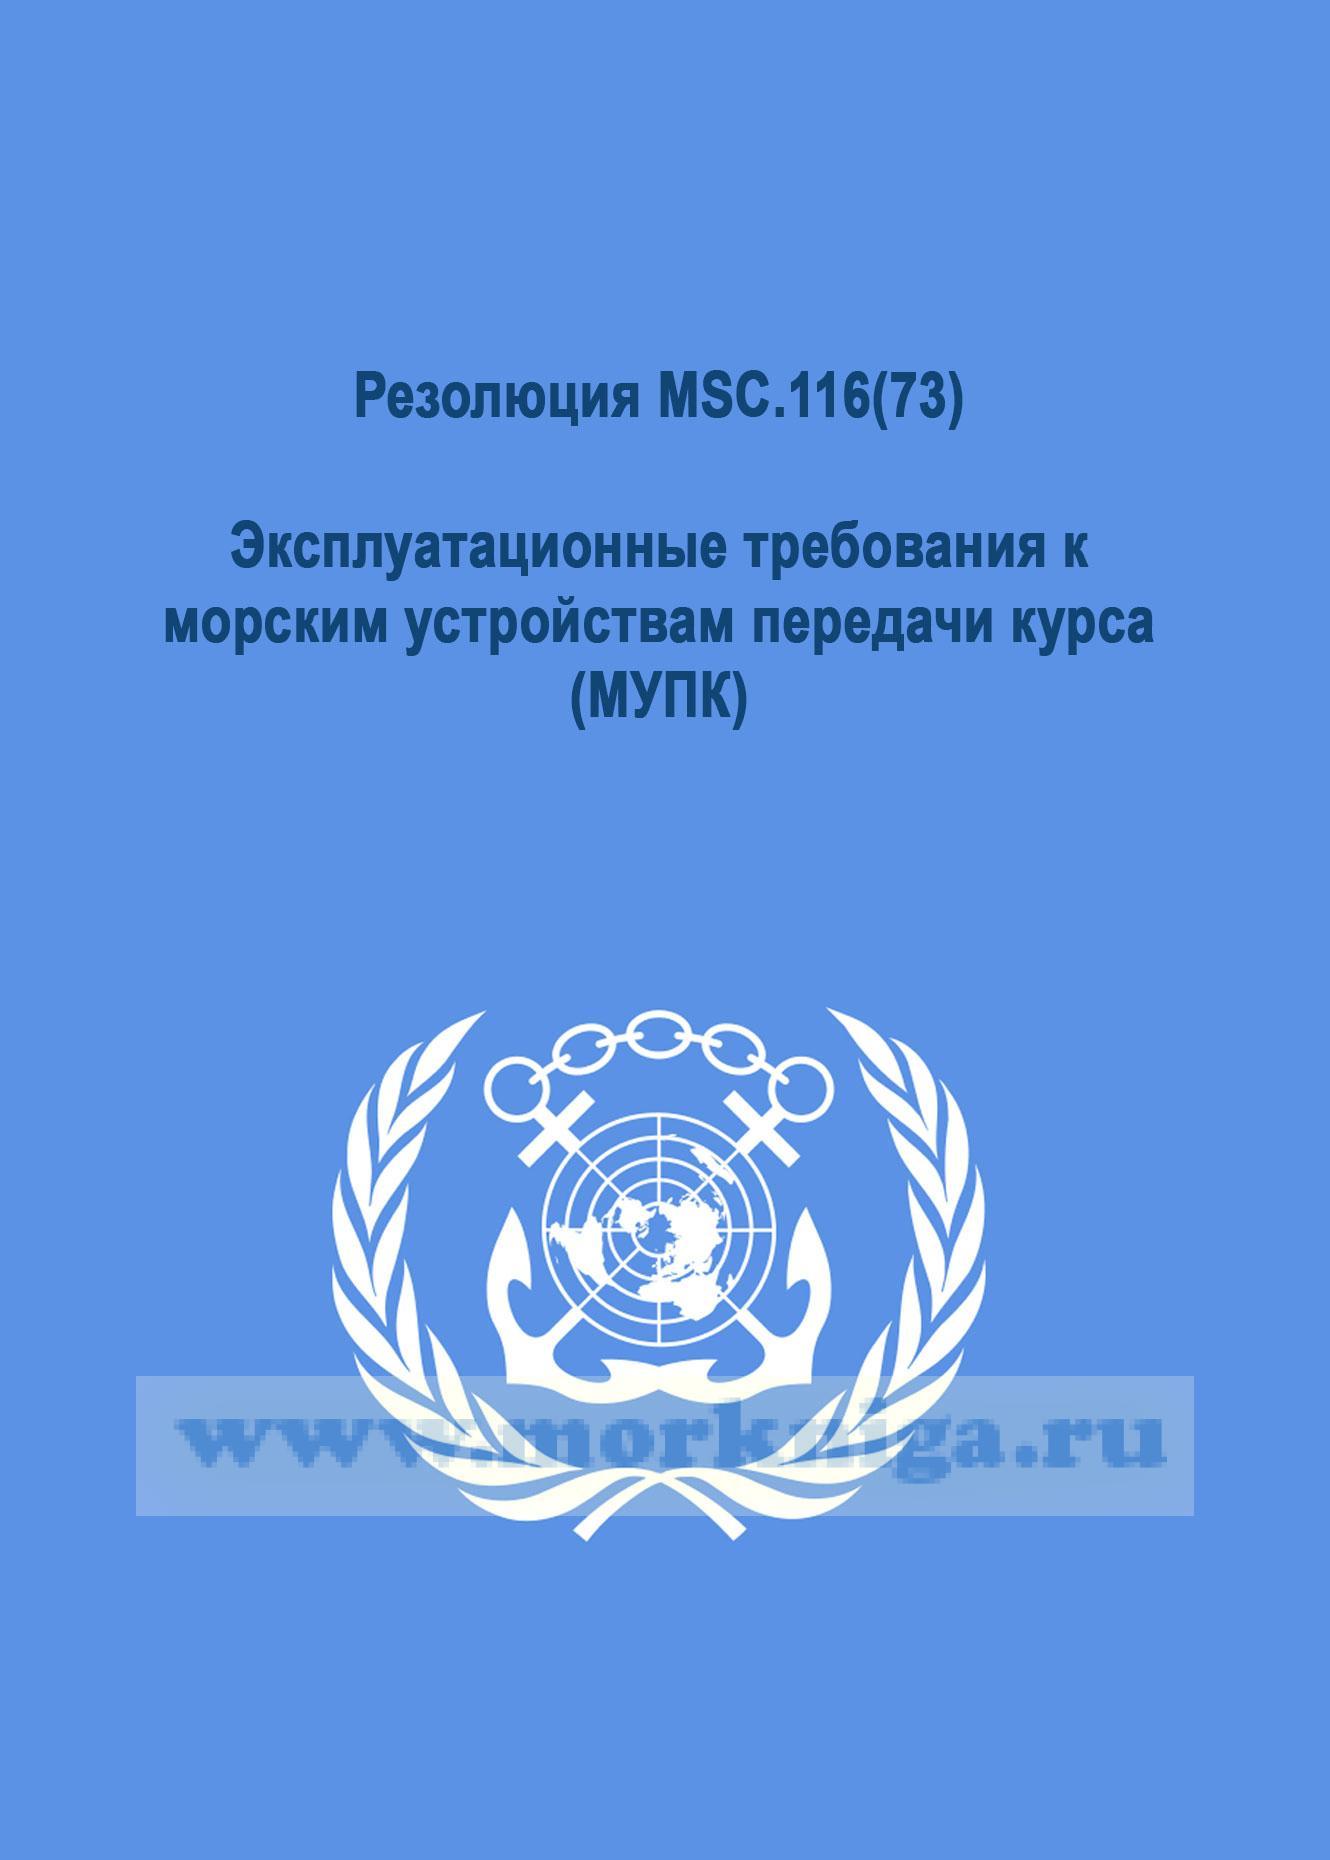 Резолюция MSC.116(73).Эксплуатационные требования к морским устройствам передачи курса (МУПК)